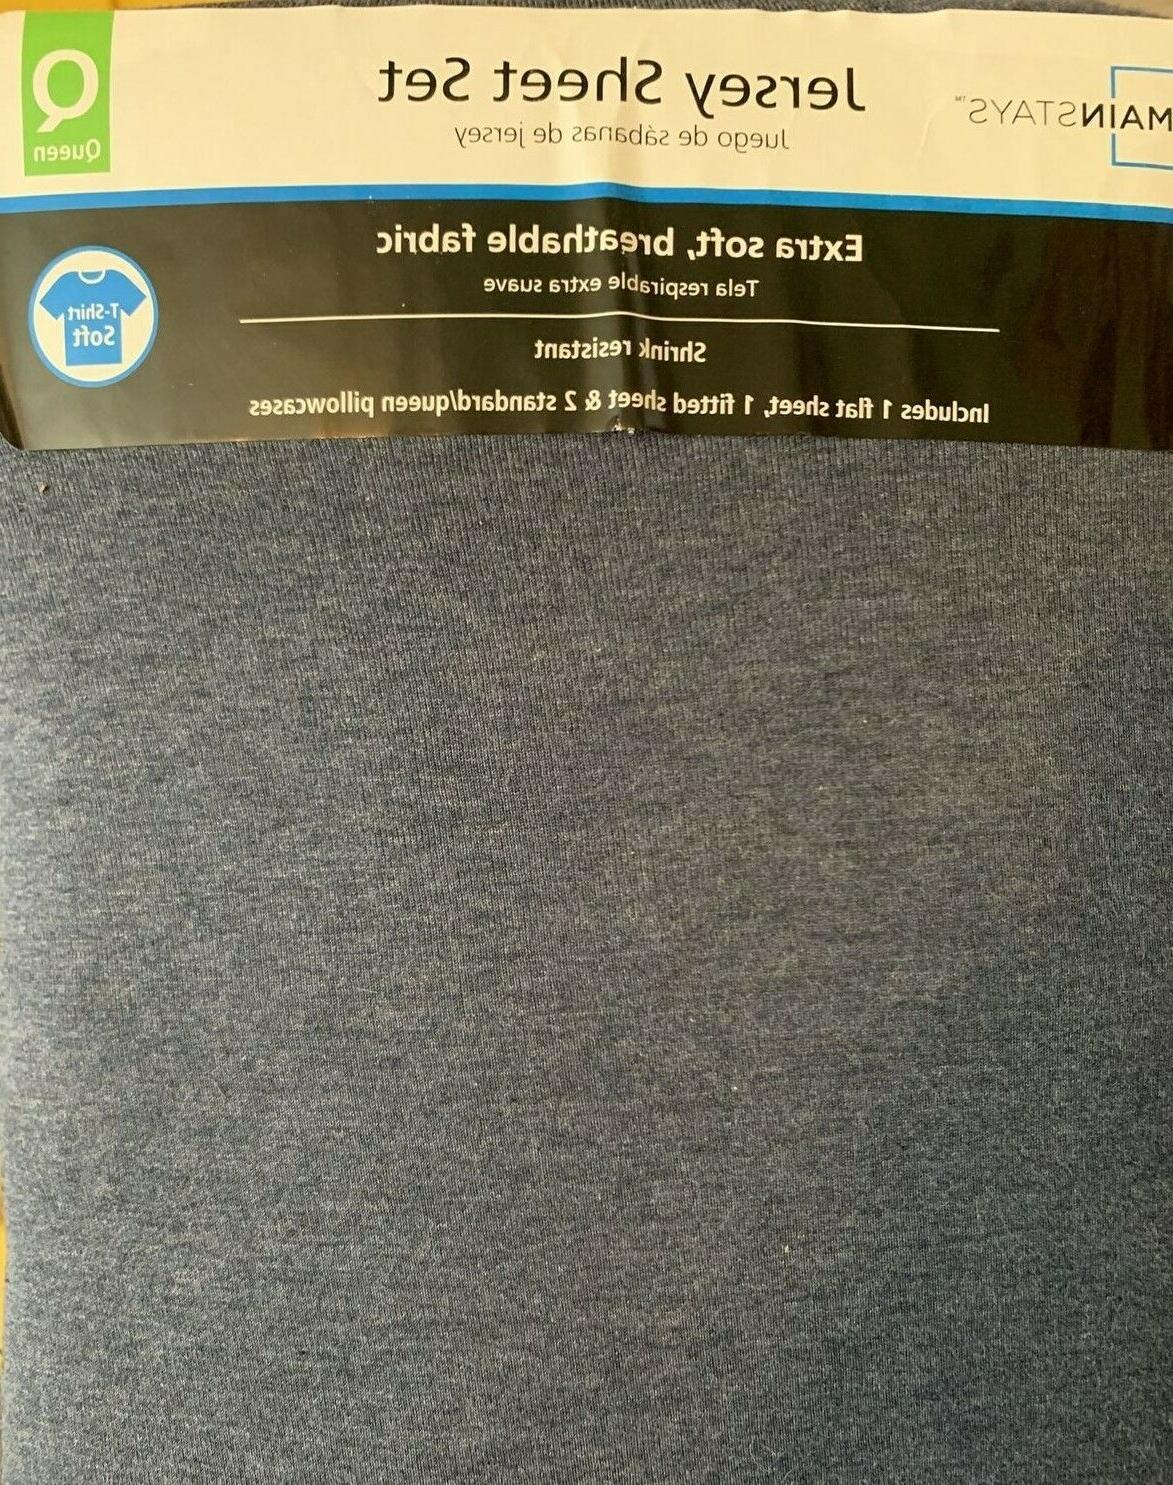 knit jersey bedding sheet set queen navy